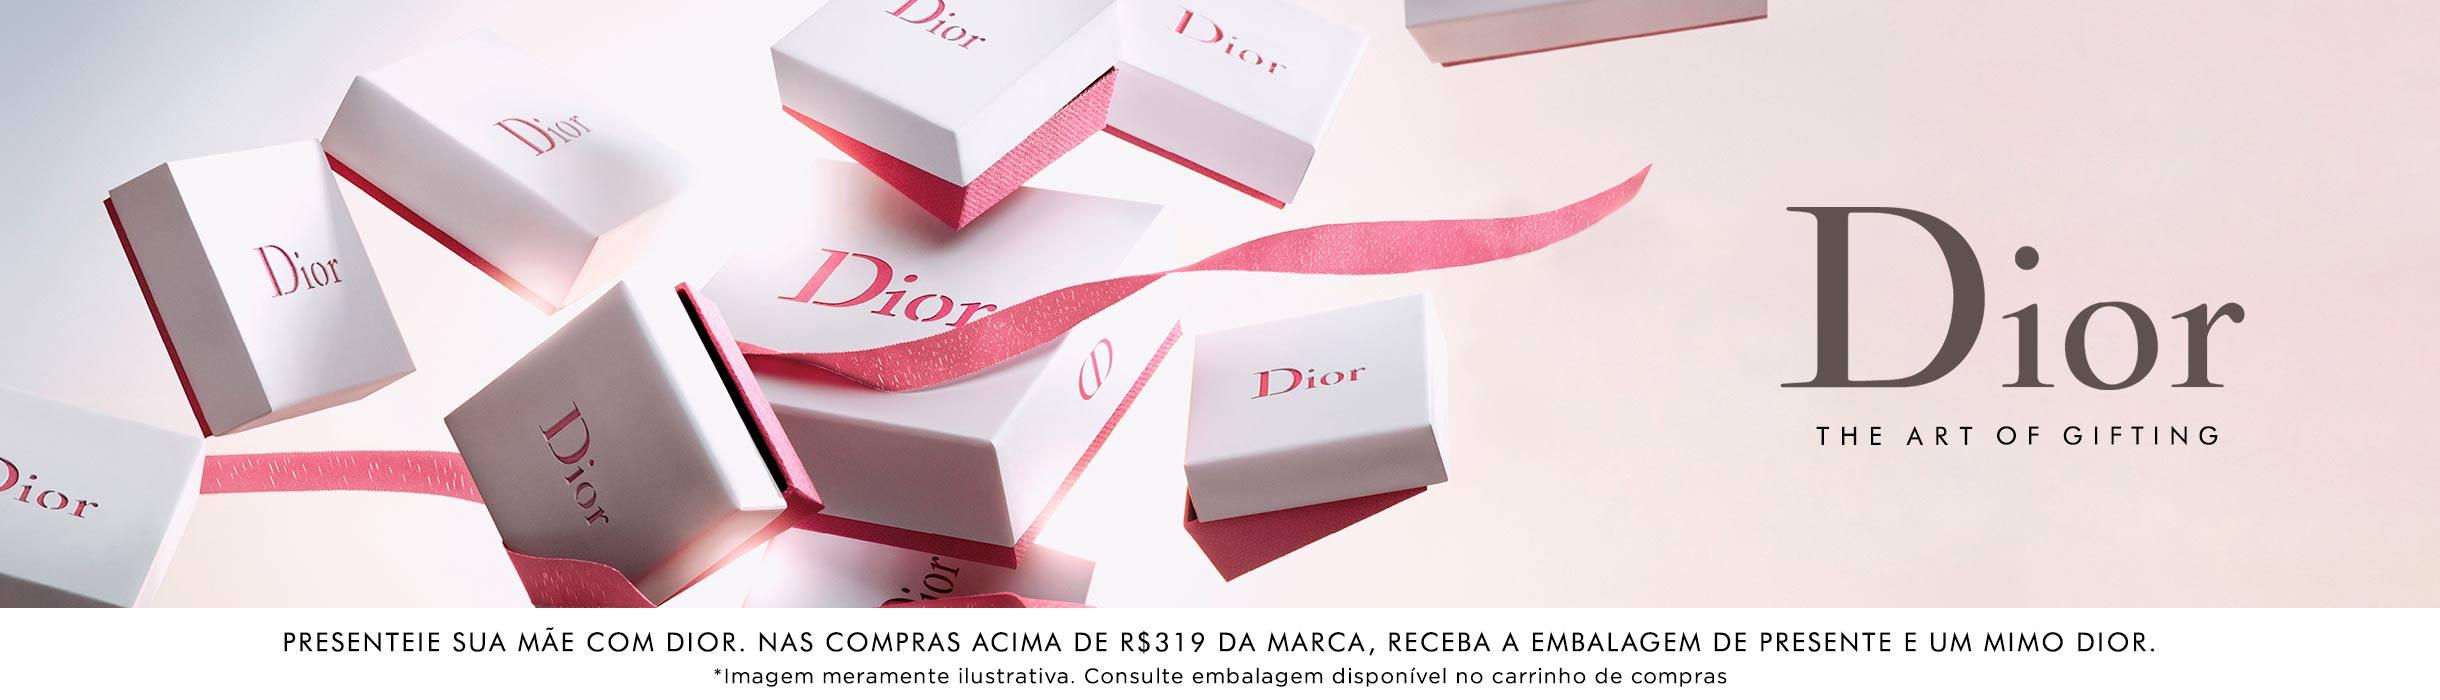 Dior Especial Beleza na Web